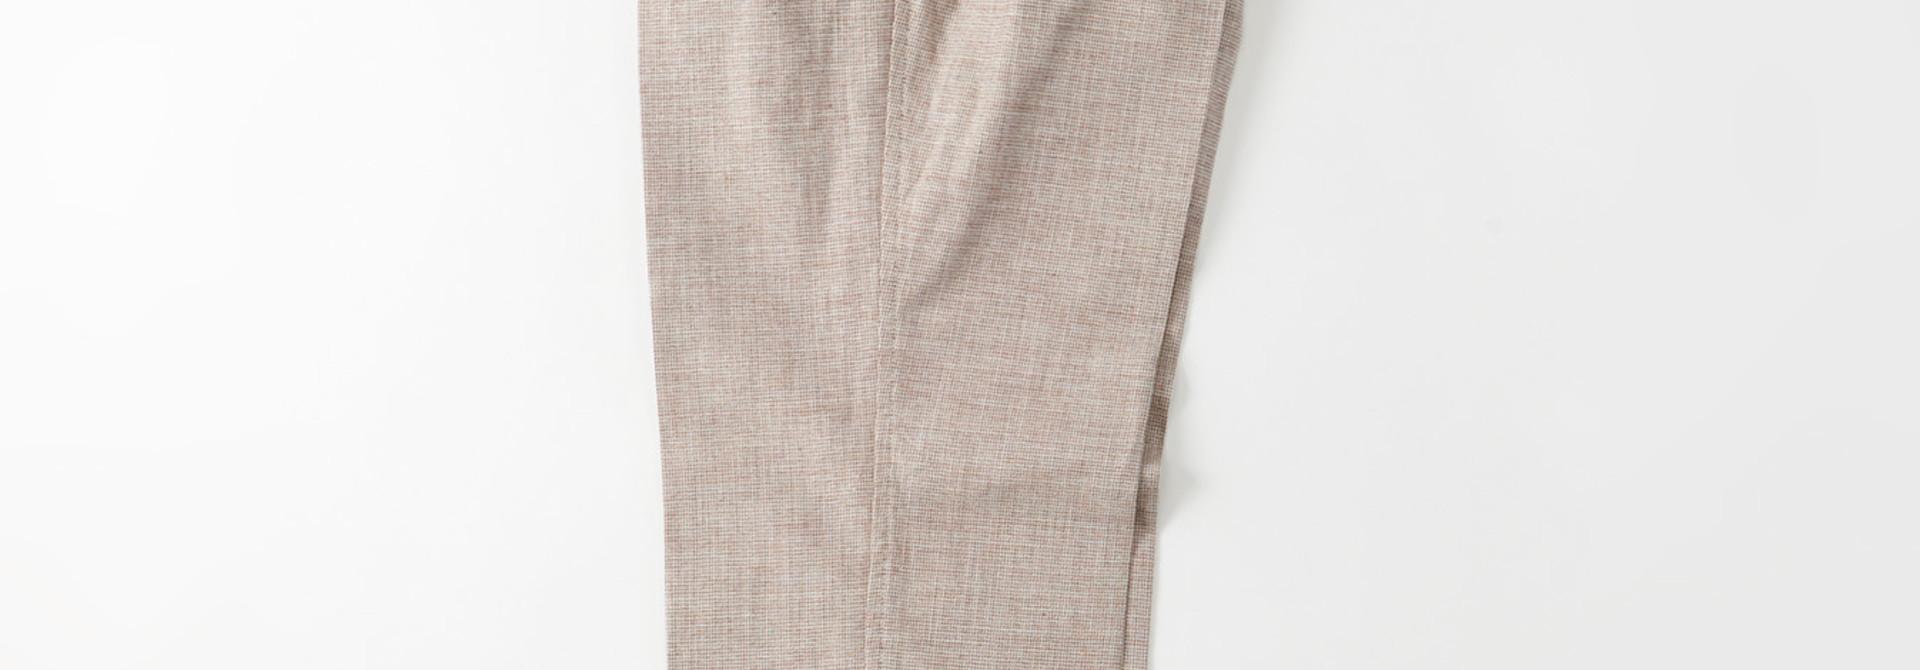 WH Cotton Tweed 908 Easy Slacks